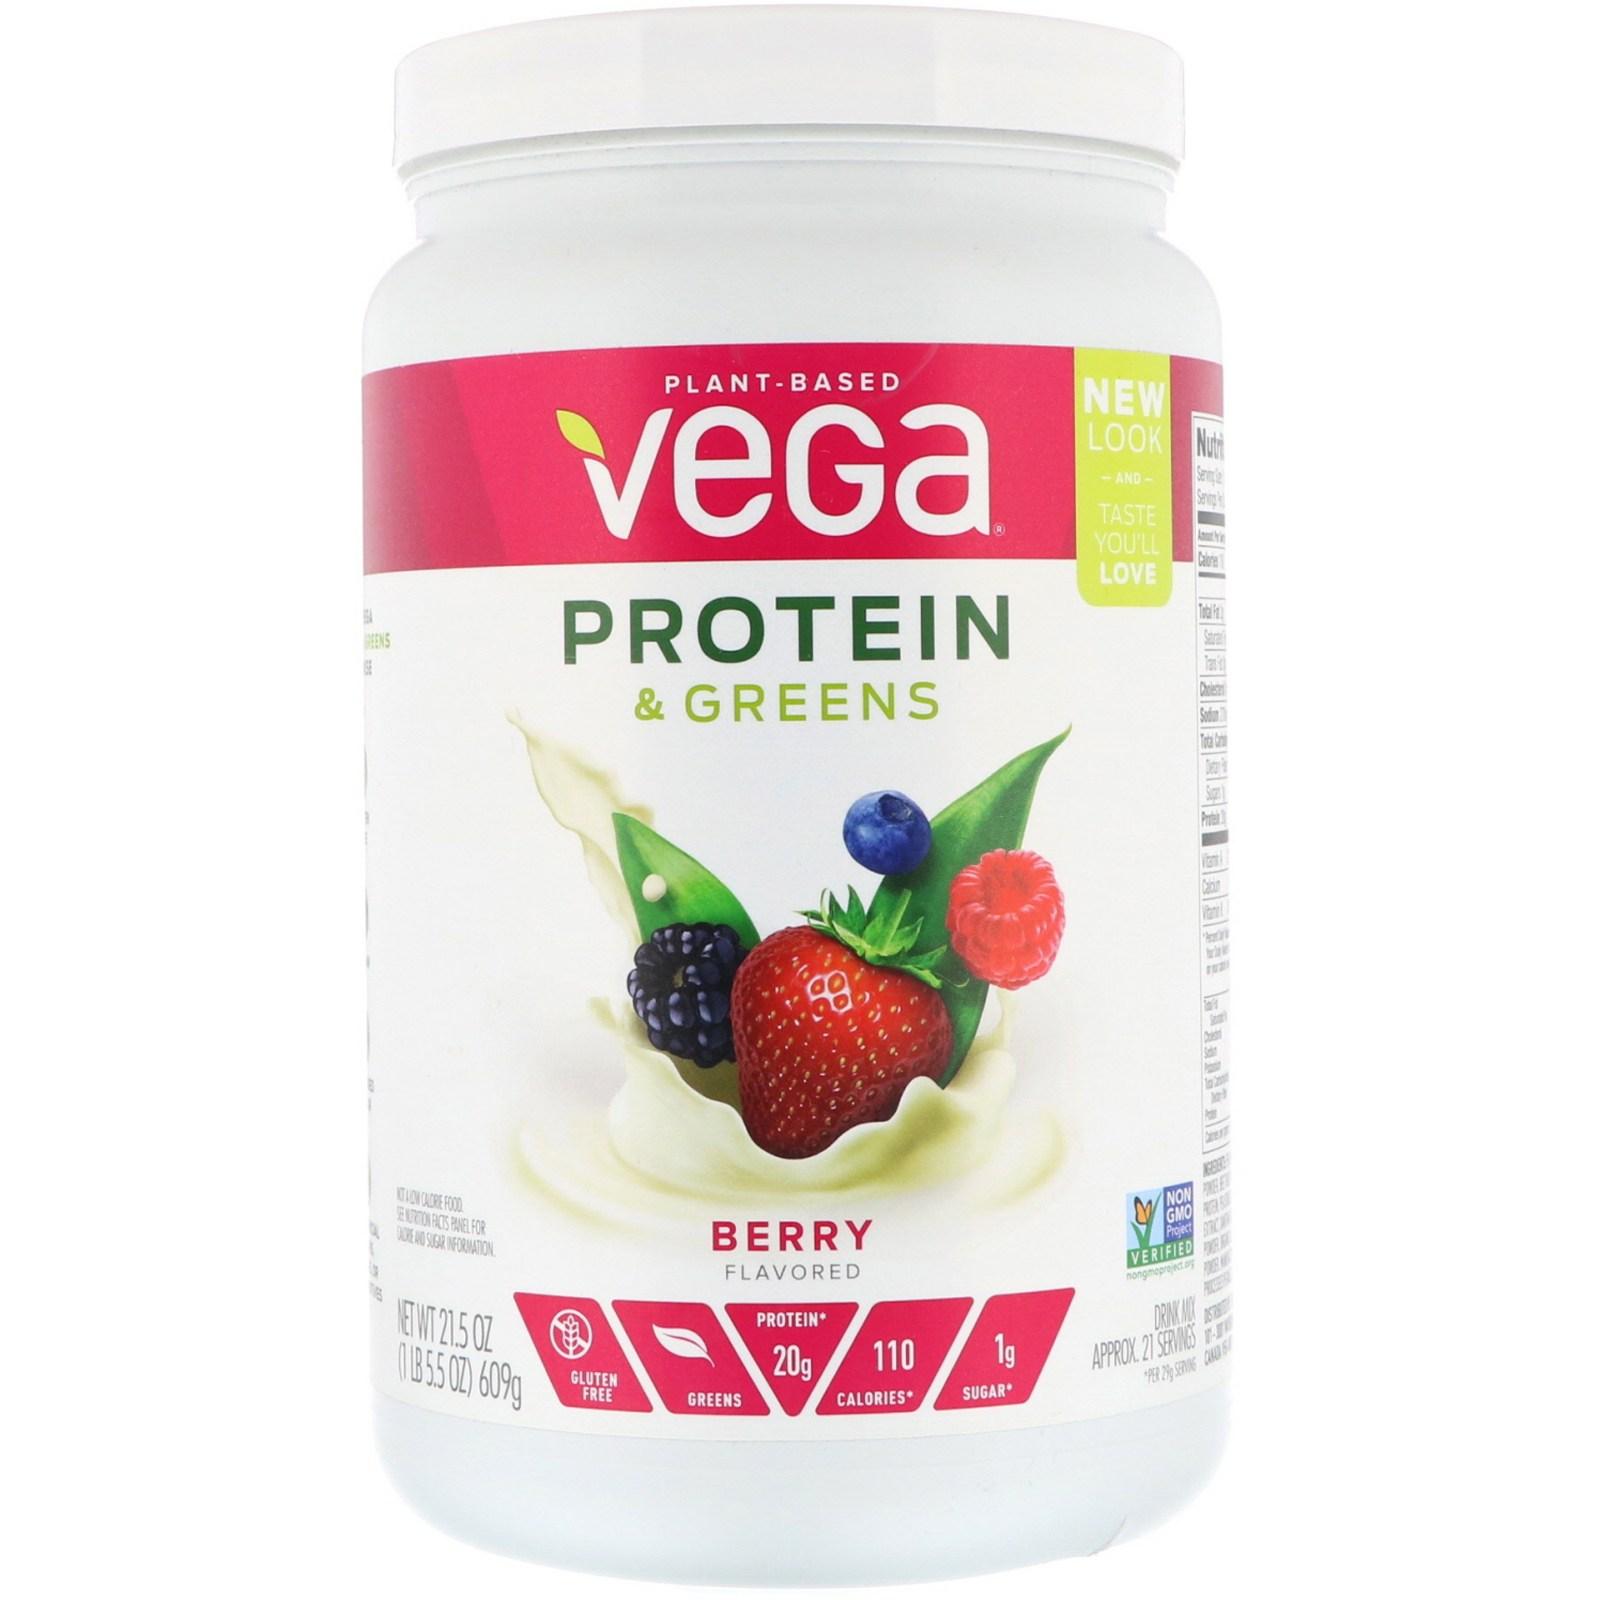 베가 프로틴 앤 그린스 베리 맛 21.5 oz 609g 식물성 단백질, 1개, -